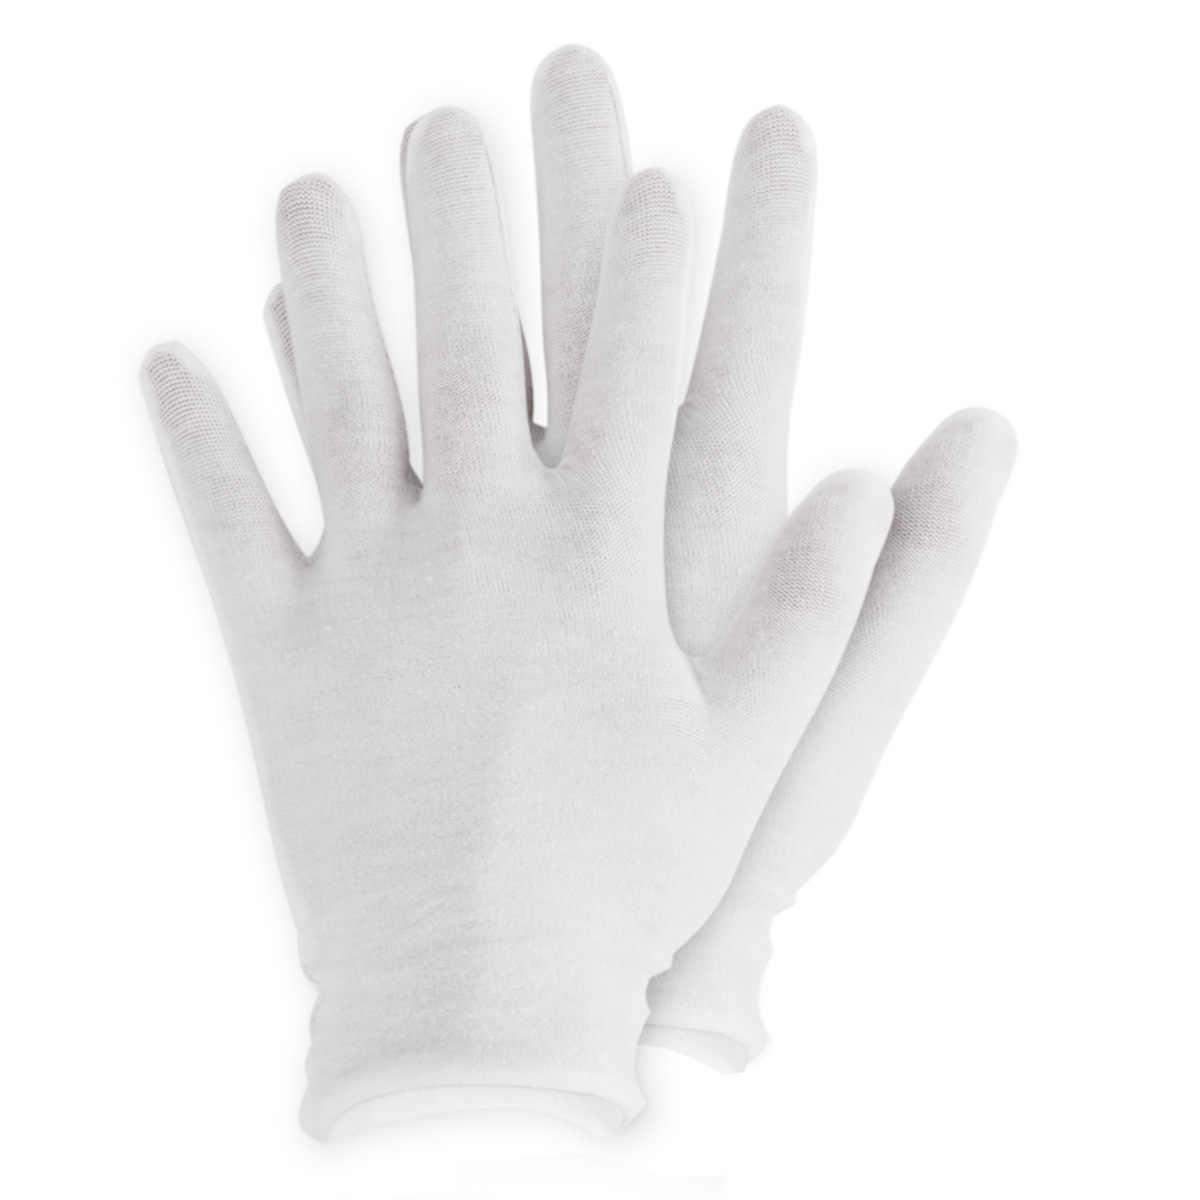 قفازات بيضاء من القطن رقيقة قابلة لإعادة الاستخدام مرنة لينة الكبار قفازات العمل للترطيب اليد الجافة مستحضرات التجميل اليد سبا التفتيش المجوهرات